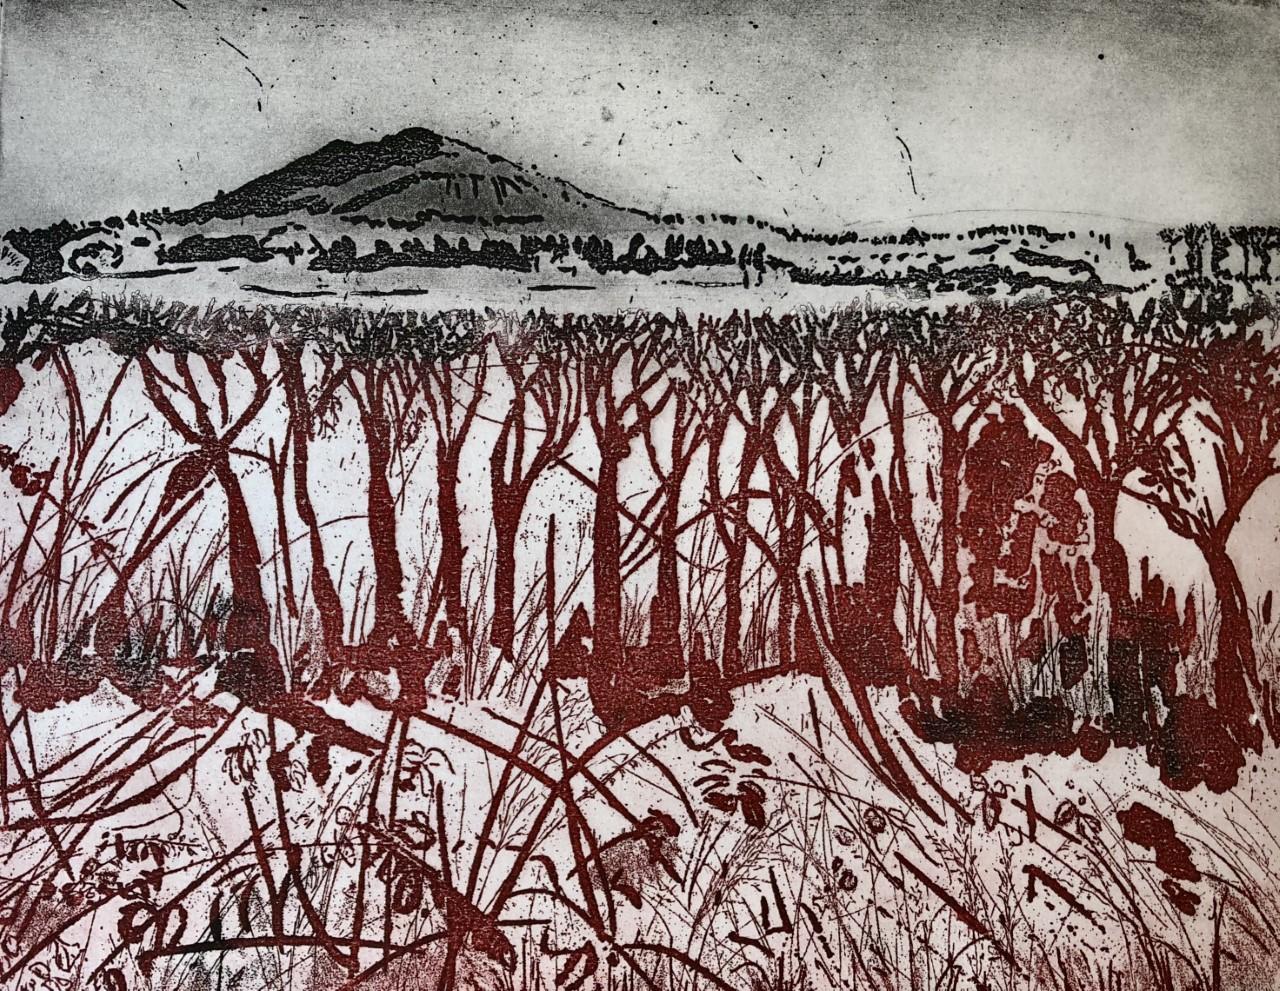 From Hedgerow to Hillside (The Wrekin)